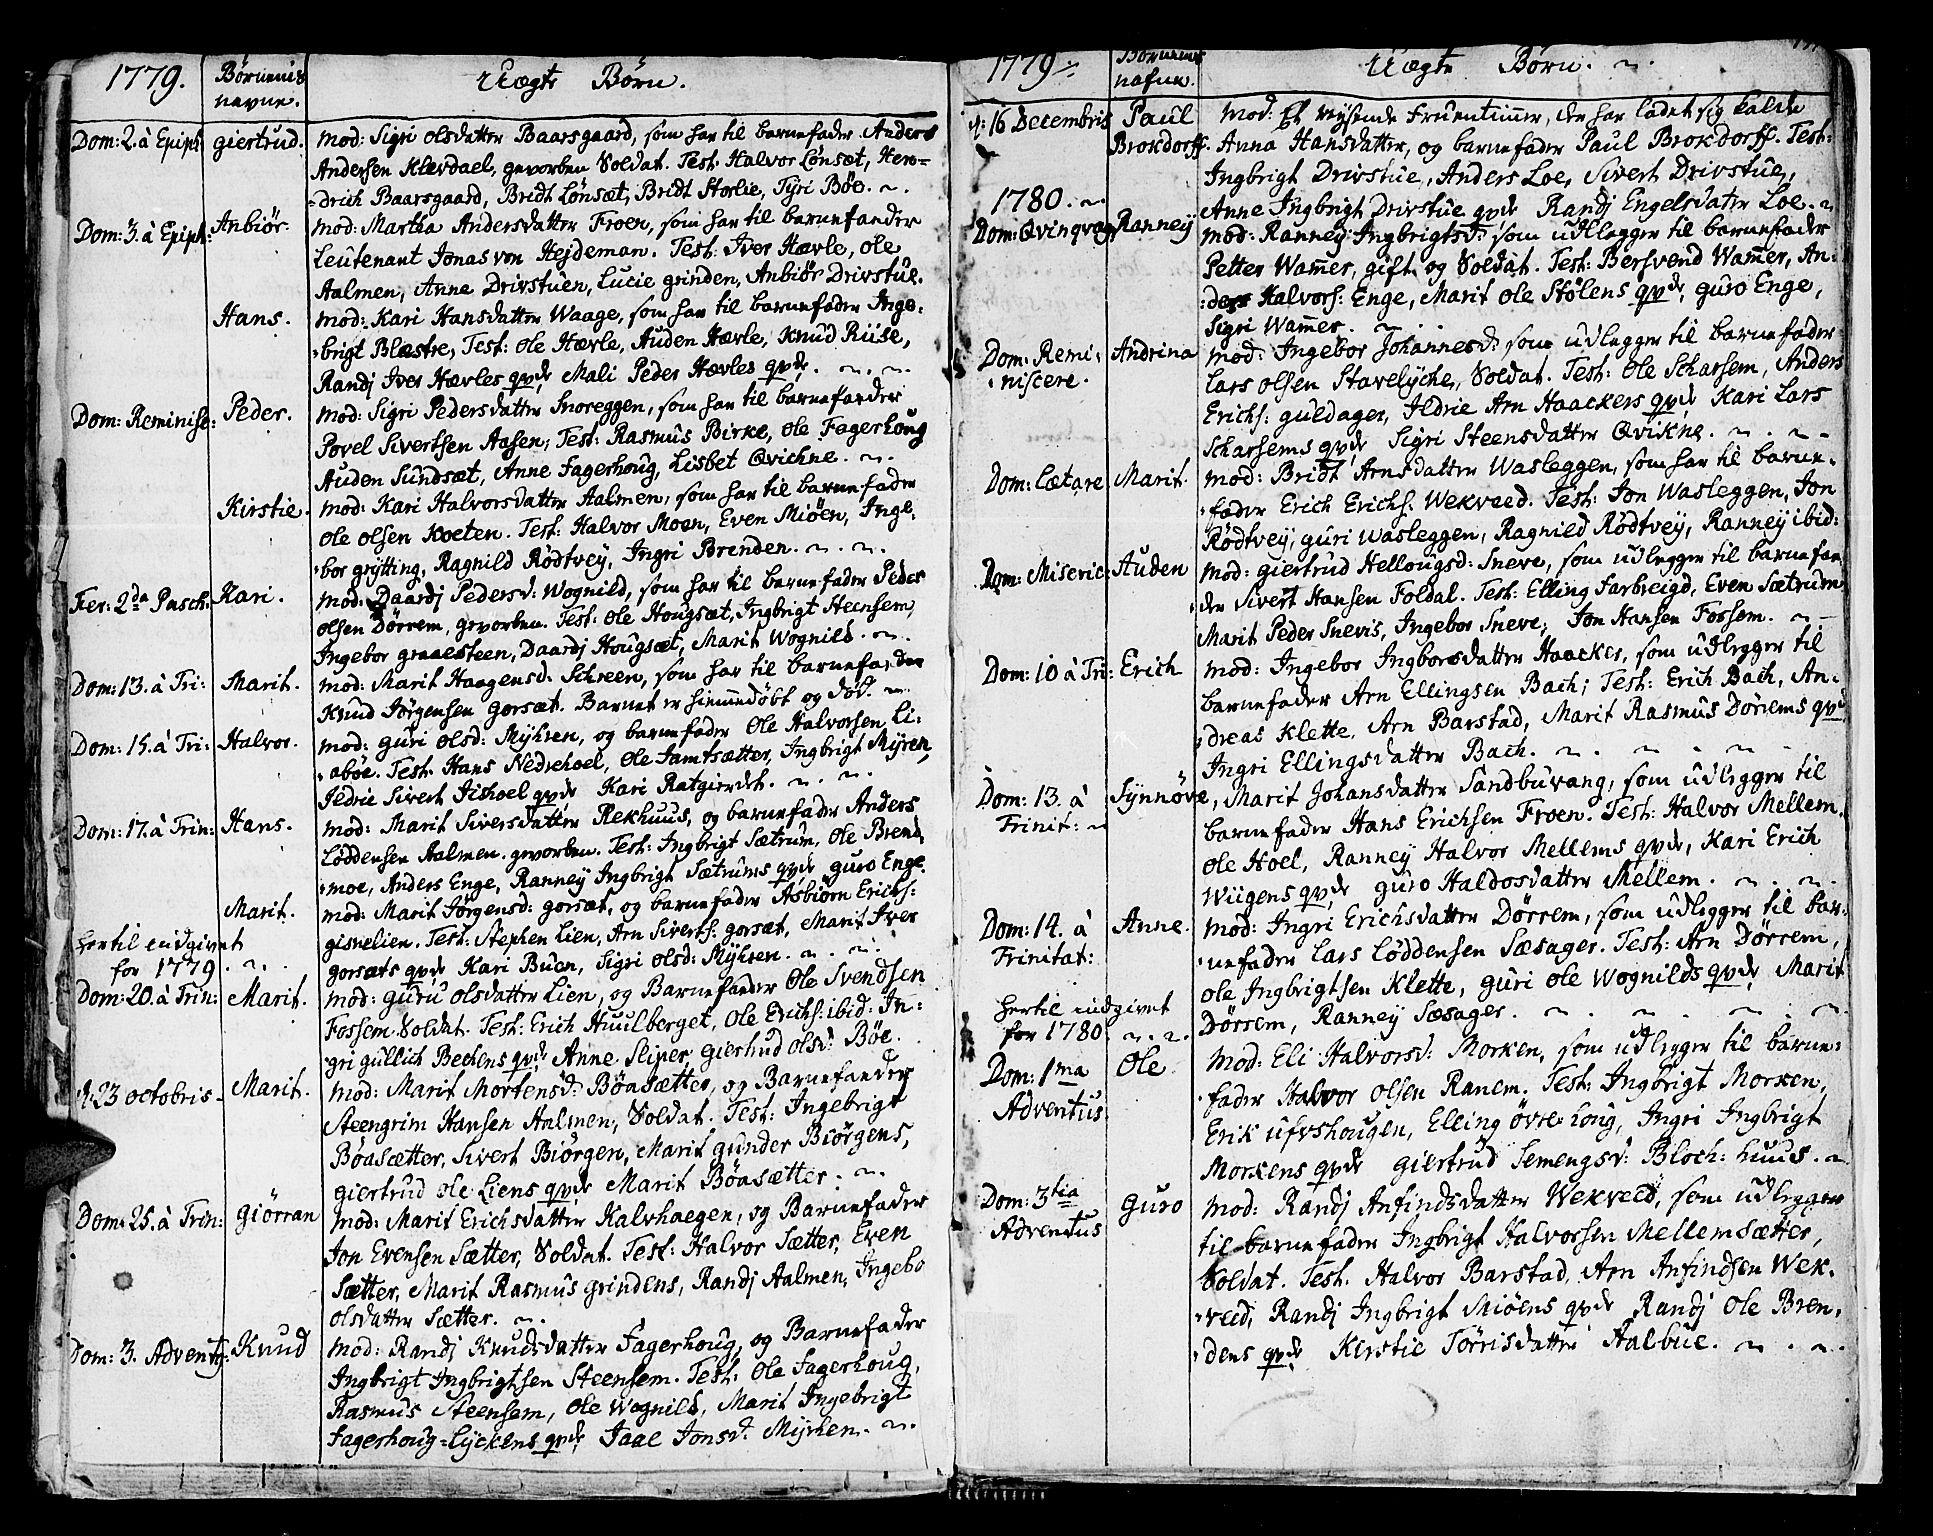 SAT, Ministerialprotokoller, klokkerbøker og fødselsregistre - Sør-Trøndelag, 678/L0891: Ministerialbok nr. 678A01, 1739-1780, s. 194